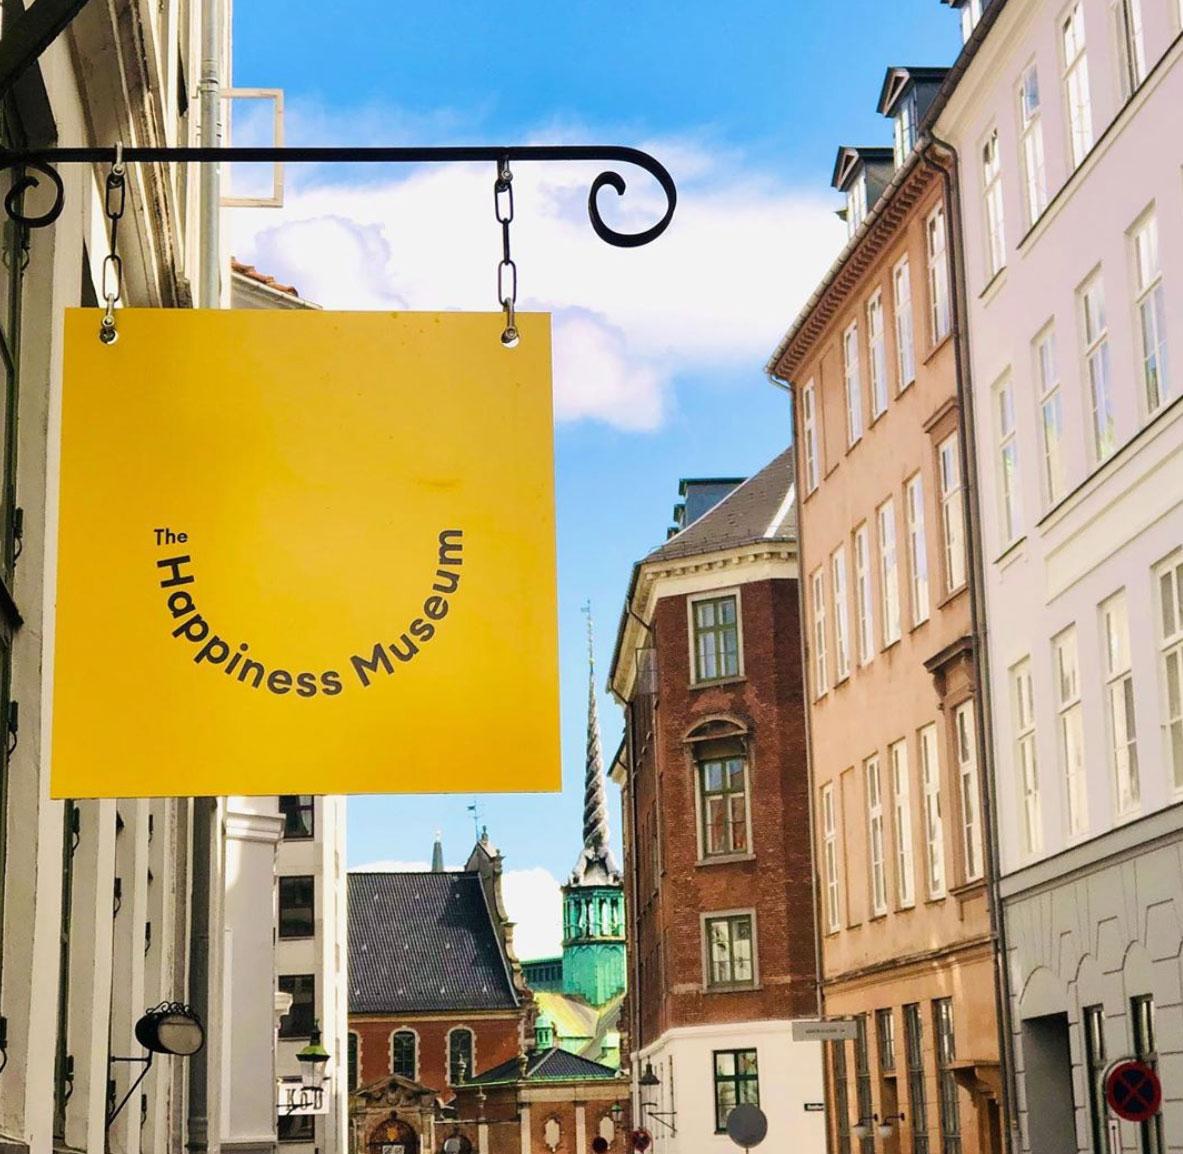 belle notizie: il museo della felicità di copenhagen